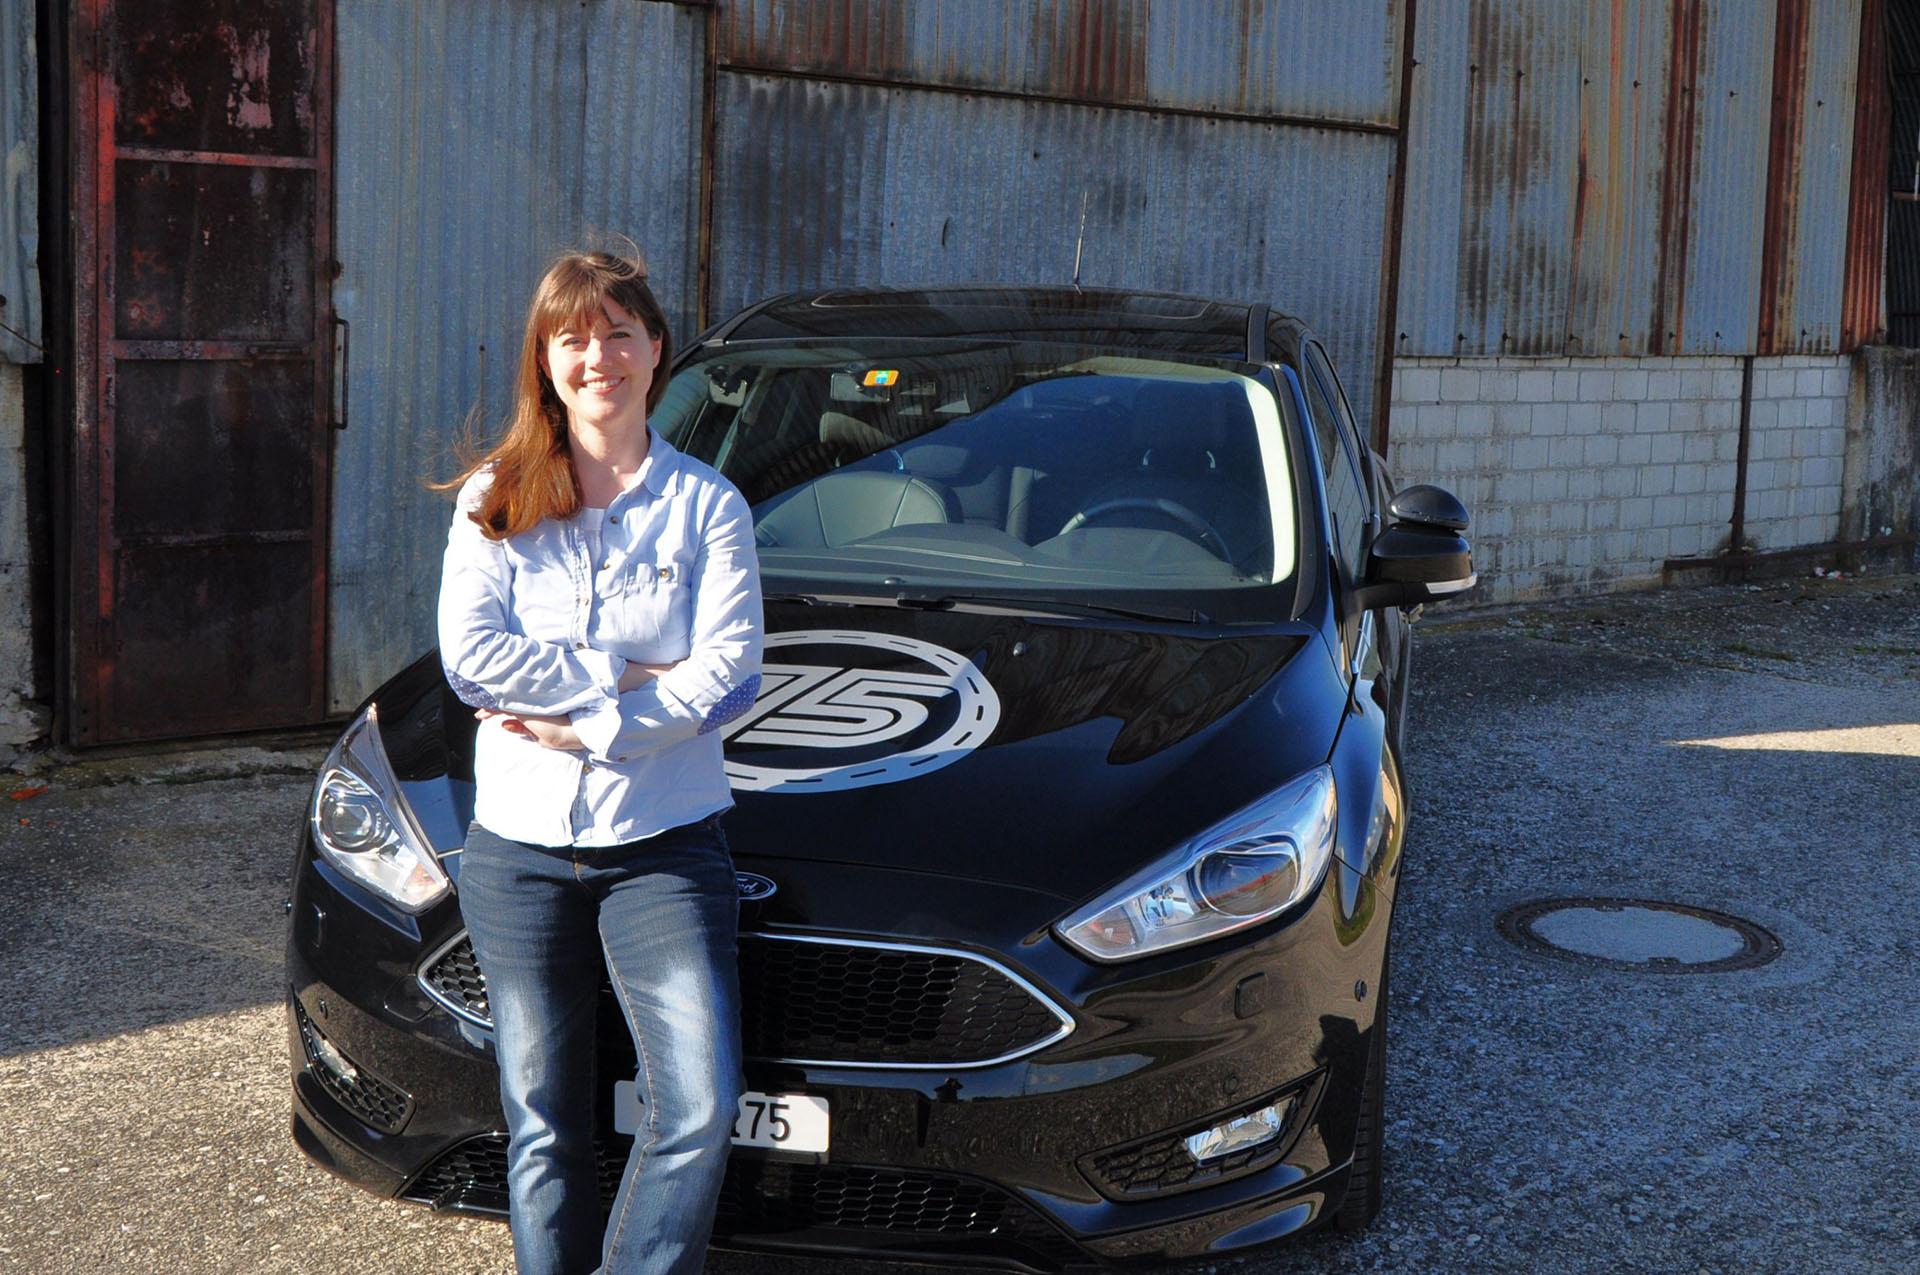 Fahrschule für Frauen - Autofahren Lernen mit Fahrschule Nathalie